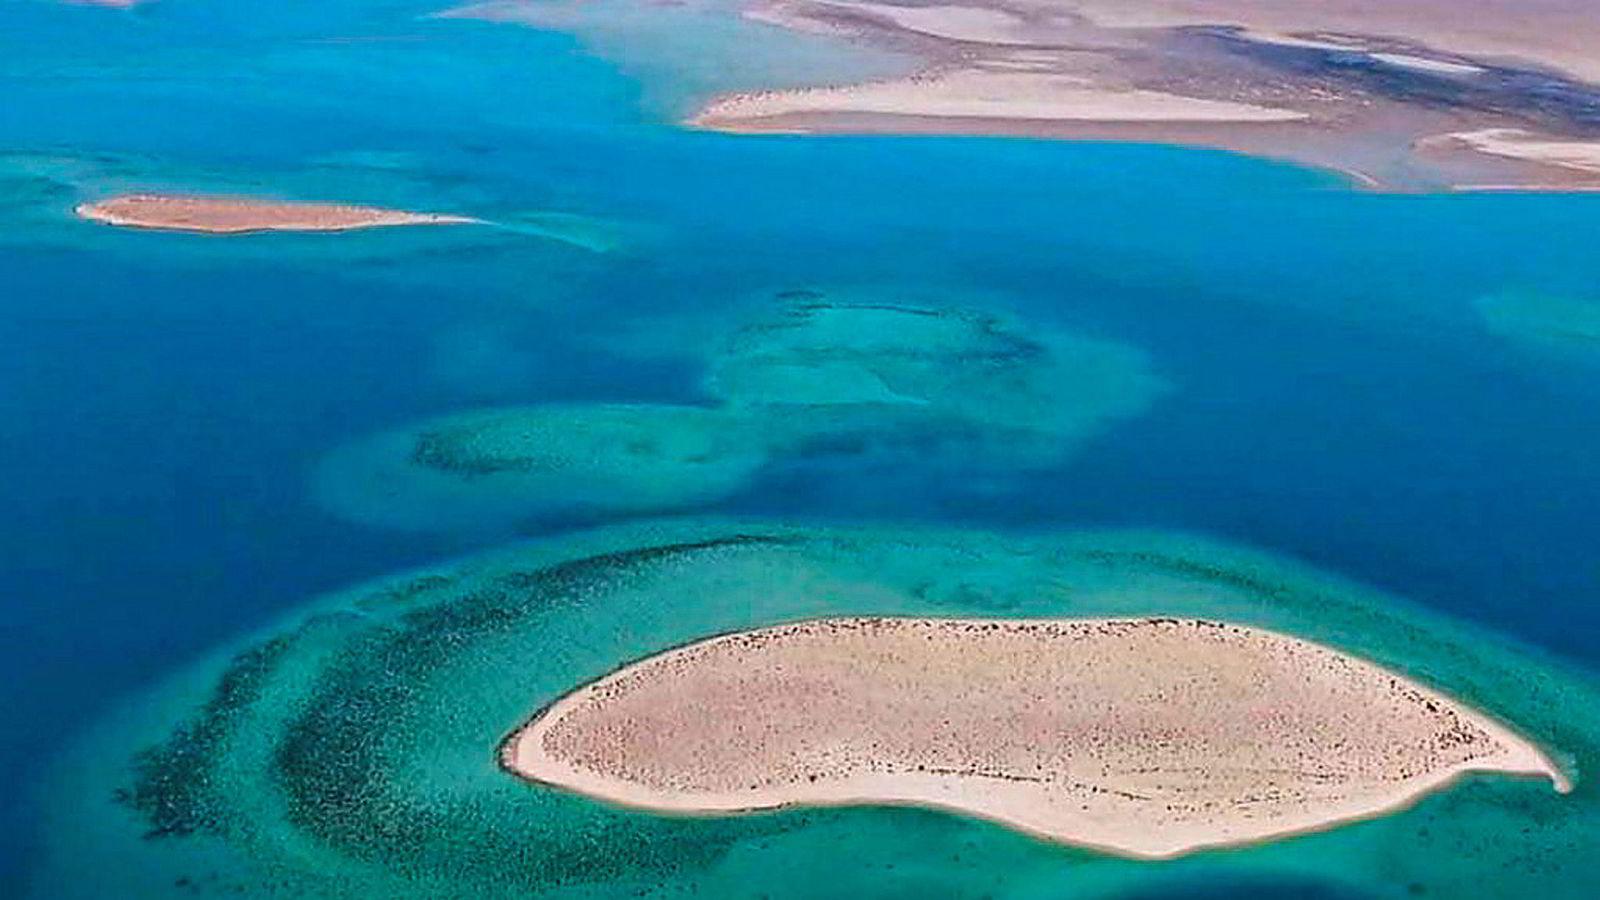 Red Sea Project har som mål å bygge luksusresorter på en rekke øyer som tilhører Saudi-Arabia i Rødehavet.